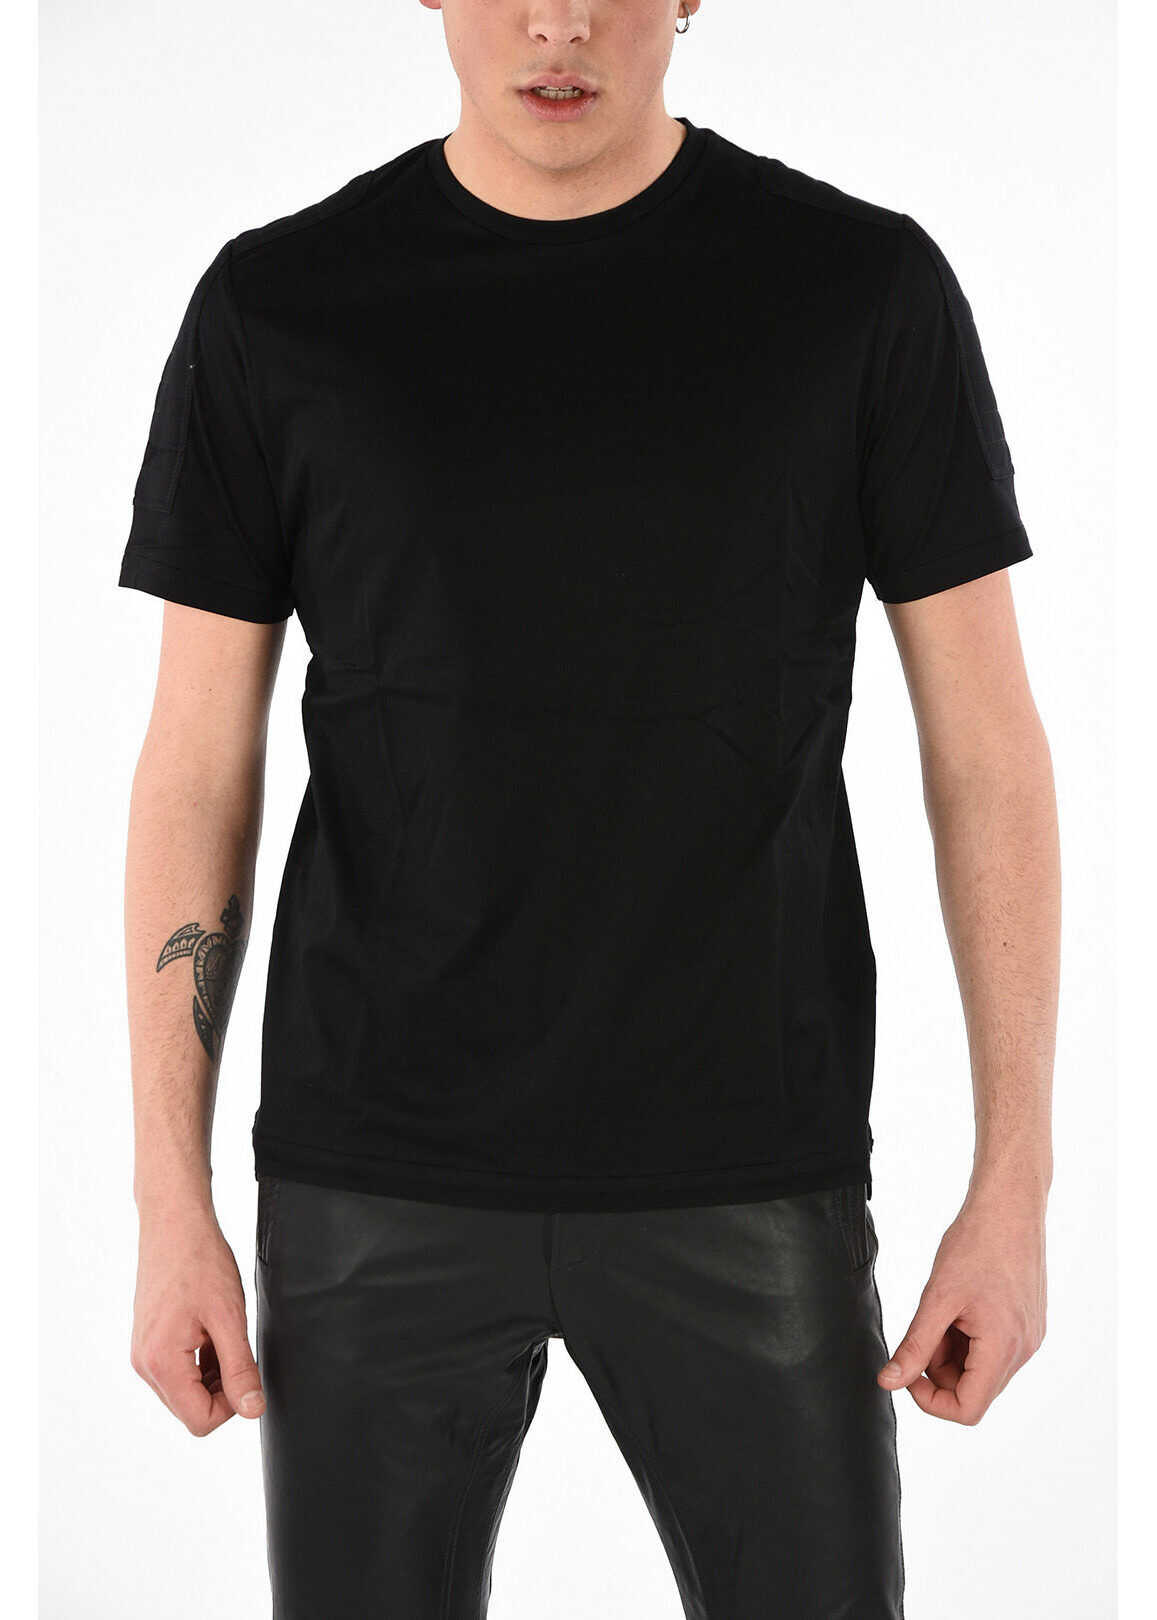 Diesel Round Necked T-SADAO T-shirt BLACK